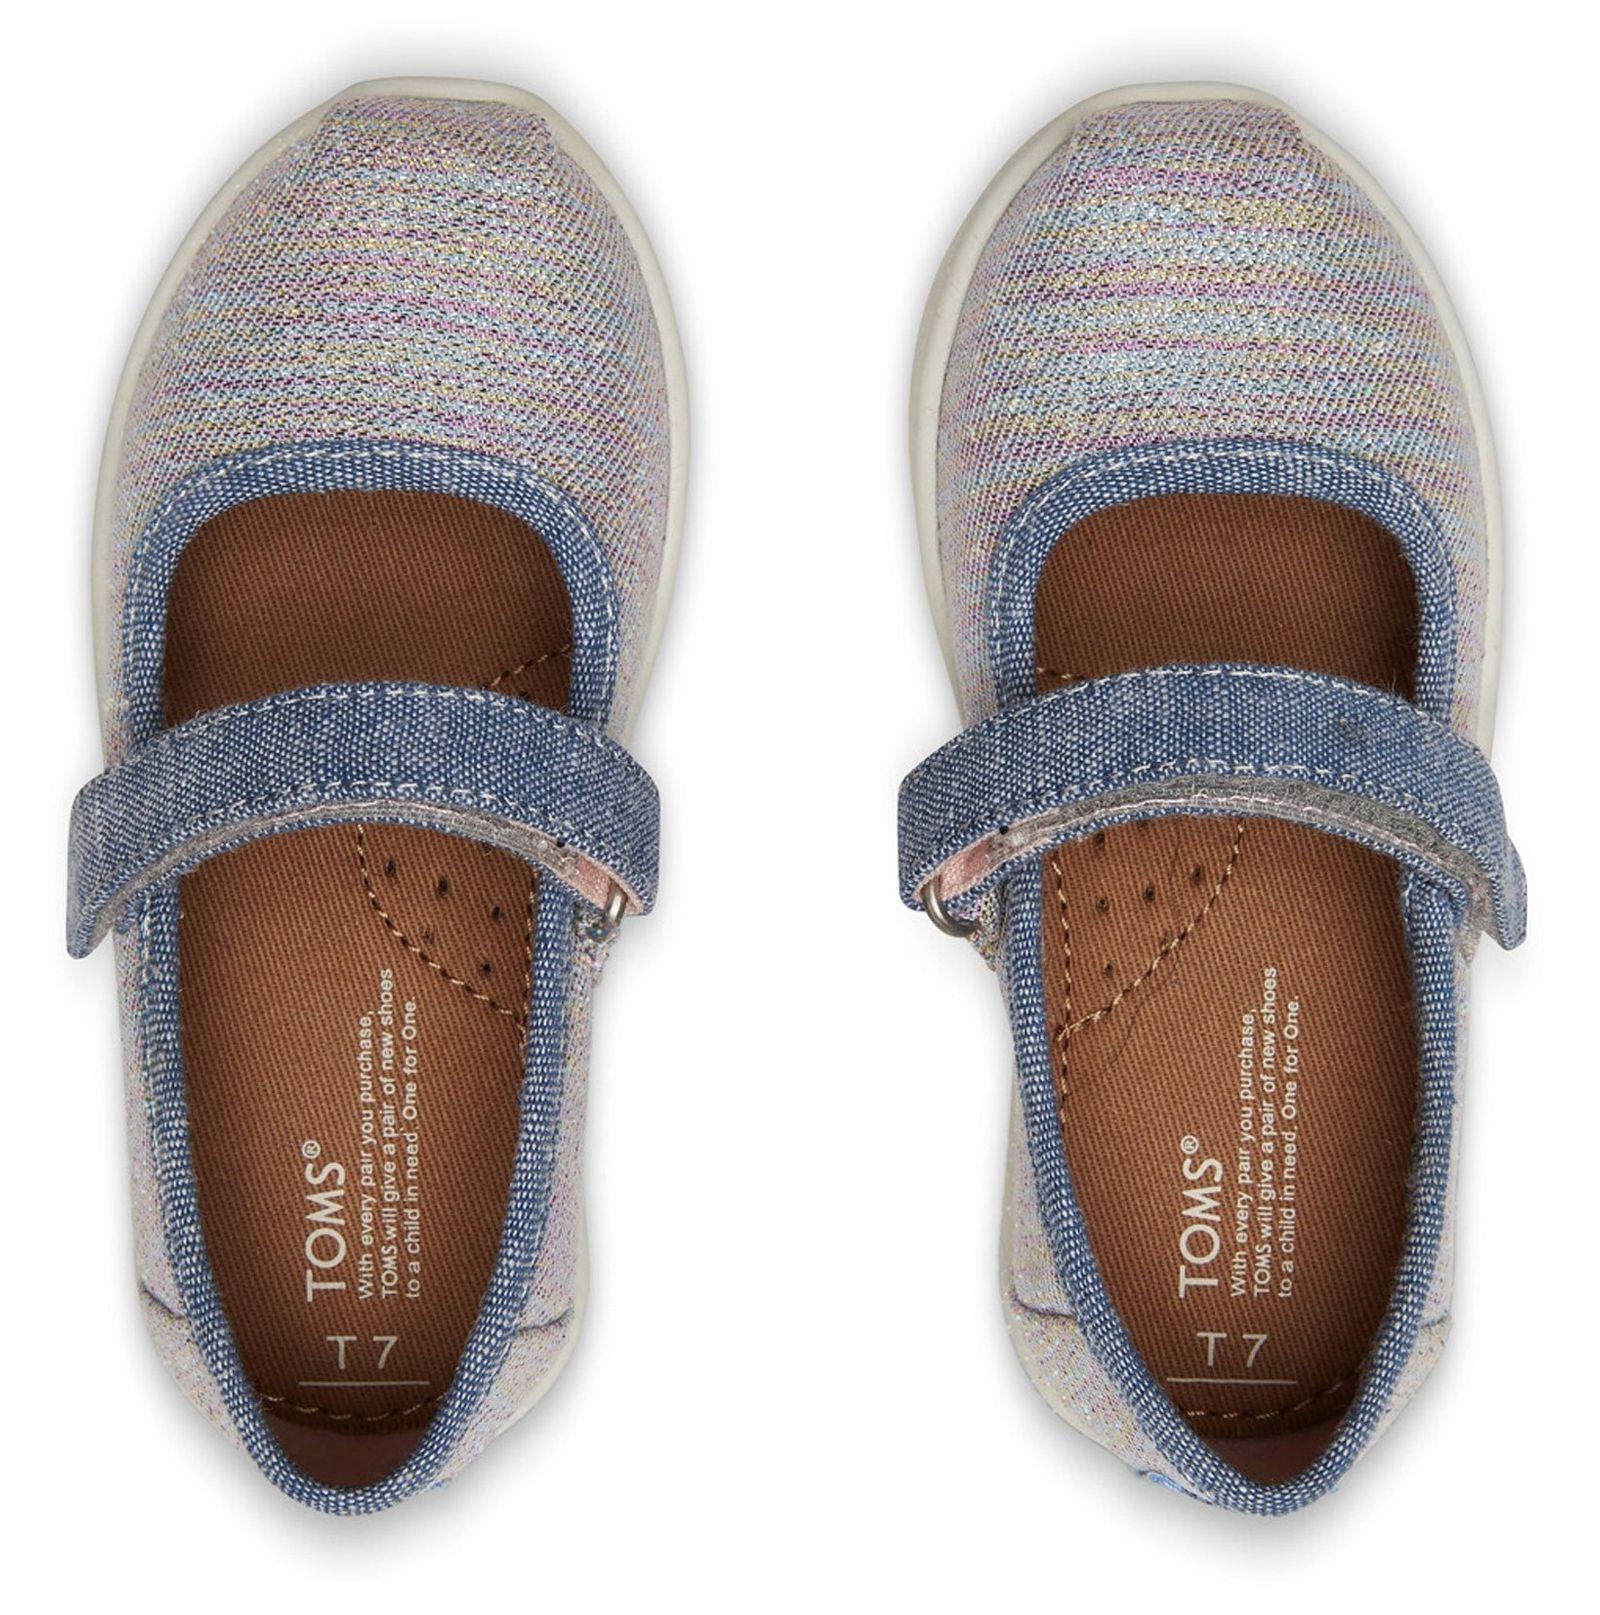 کفش پارچه ای چسبی دخترانه MARY - تامز - چند رنگ - 5